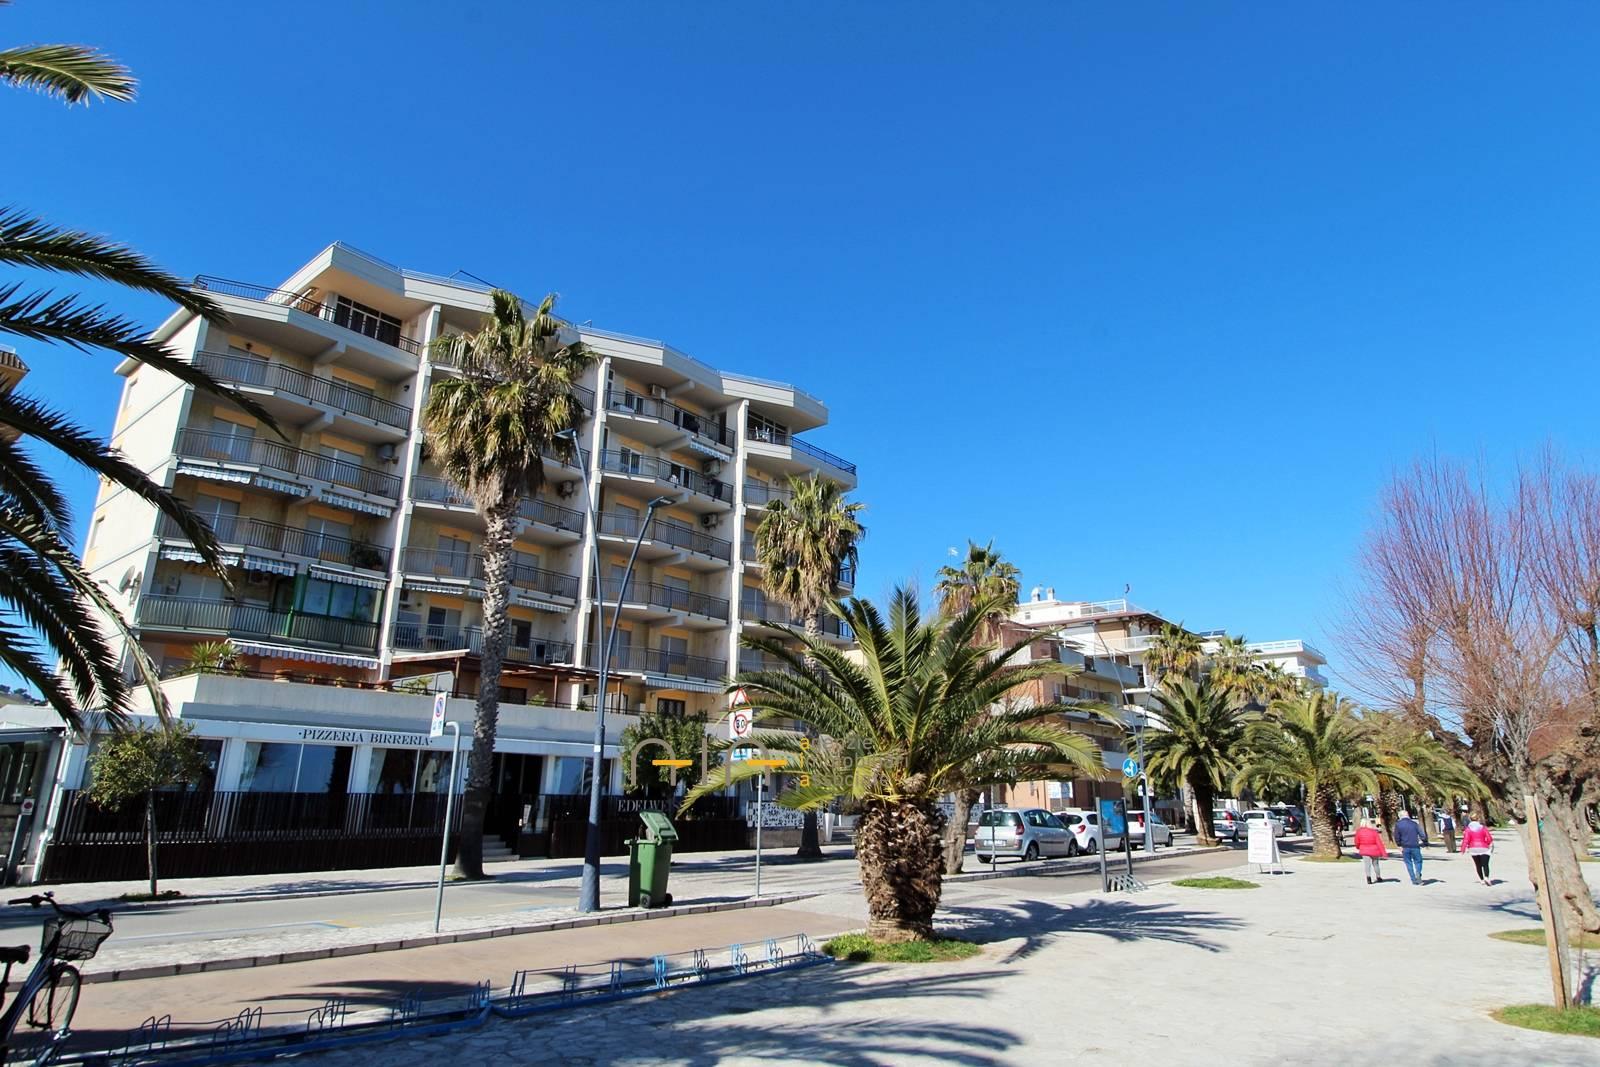 Appartamento in vendita a San Benedetto del Tronto, 4 locali, zona Località: PortoDascolilungomare(zonatraspiaggiaeferrovia, Trattative riservate   PortaleAgenzieImmobiliari.it